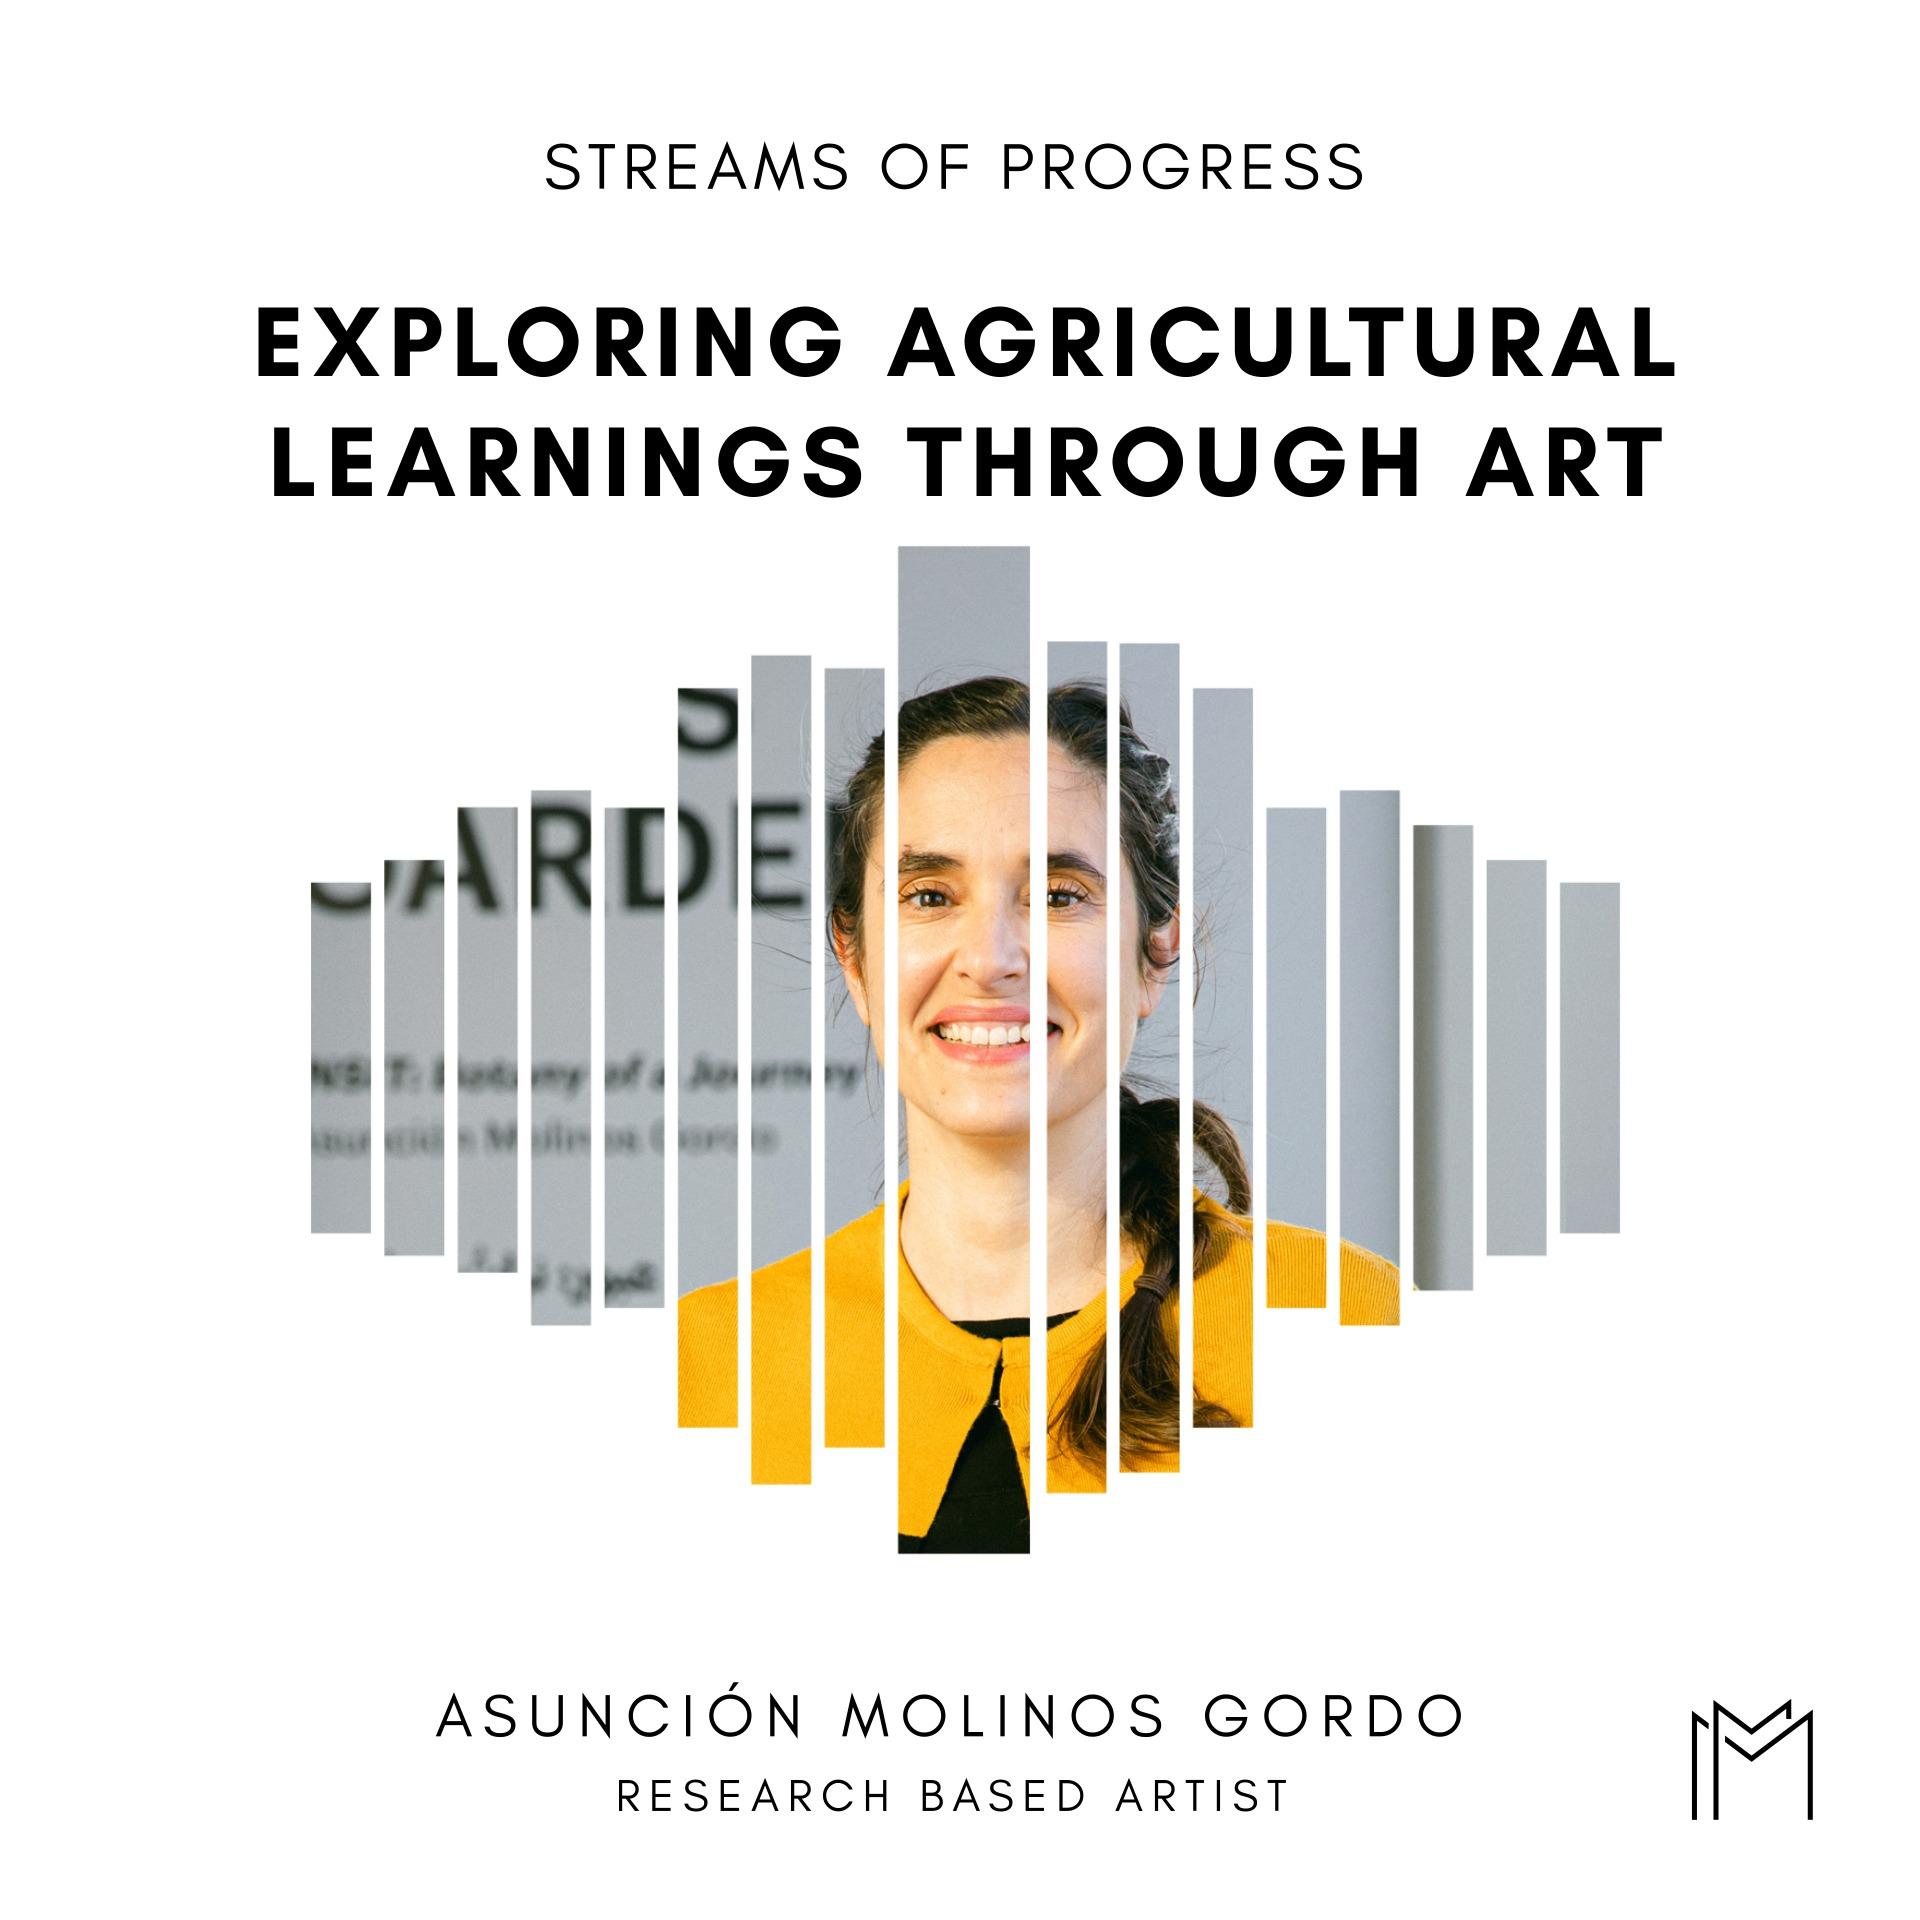 Ep035 - Asunción Molinos Gordo, Research-Based Artist